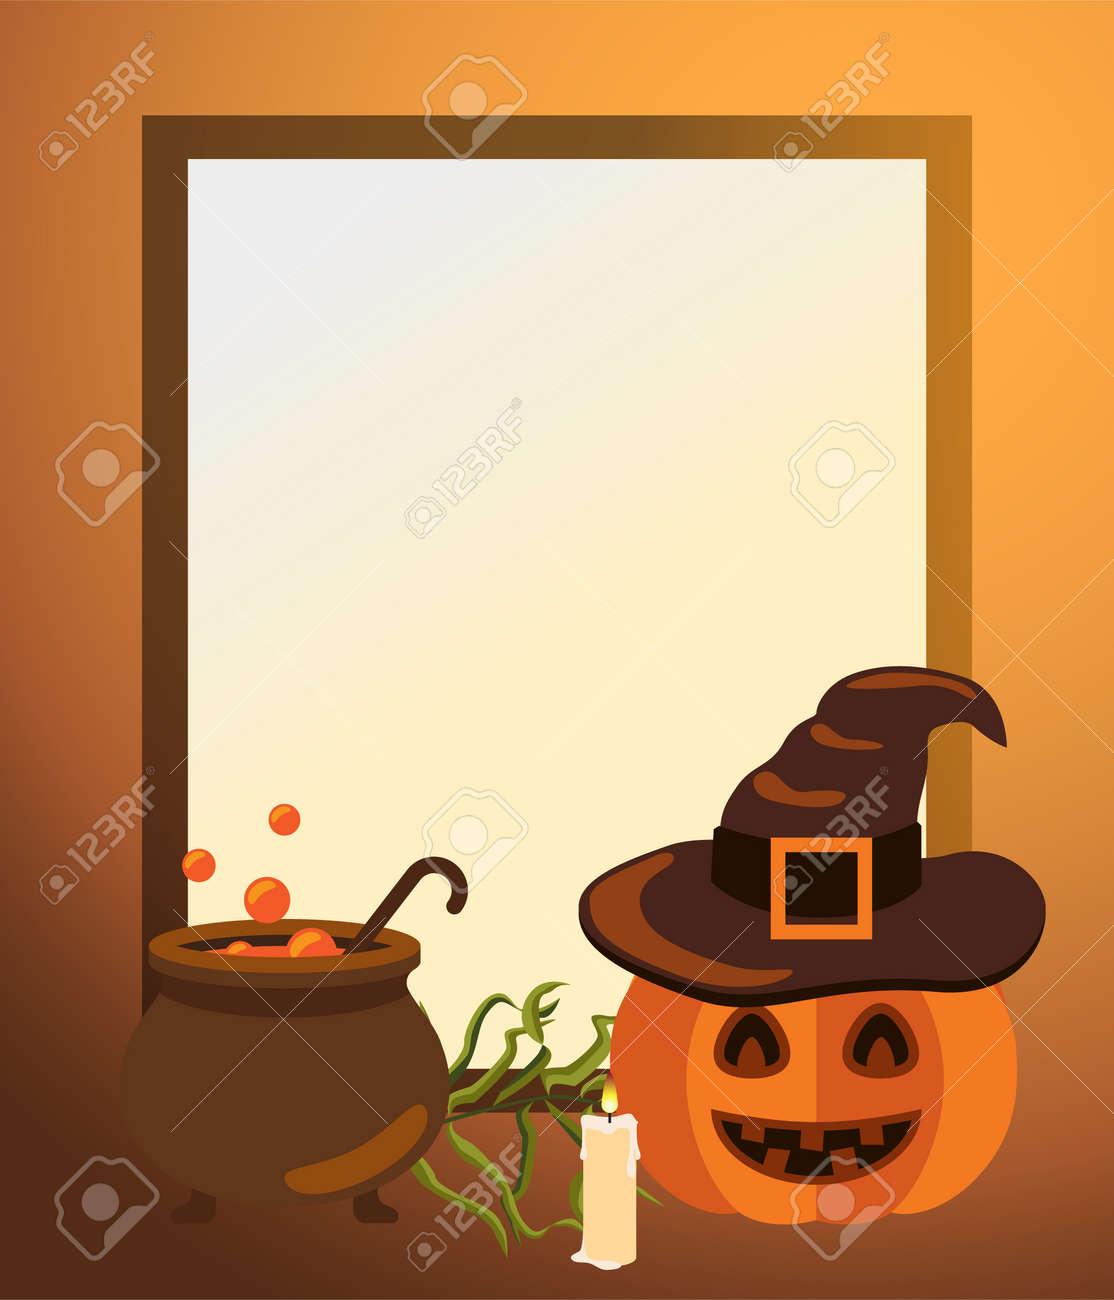 Halloween-Rahmen Mit Kürbis Im Hut, Alter Form-Bottich Lizenzfrei ...